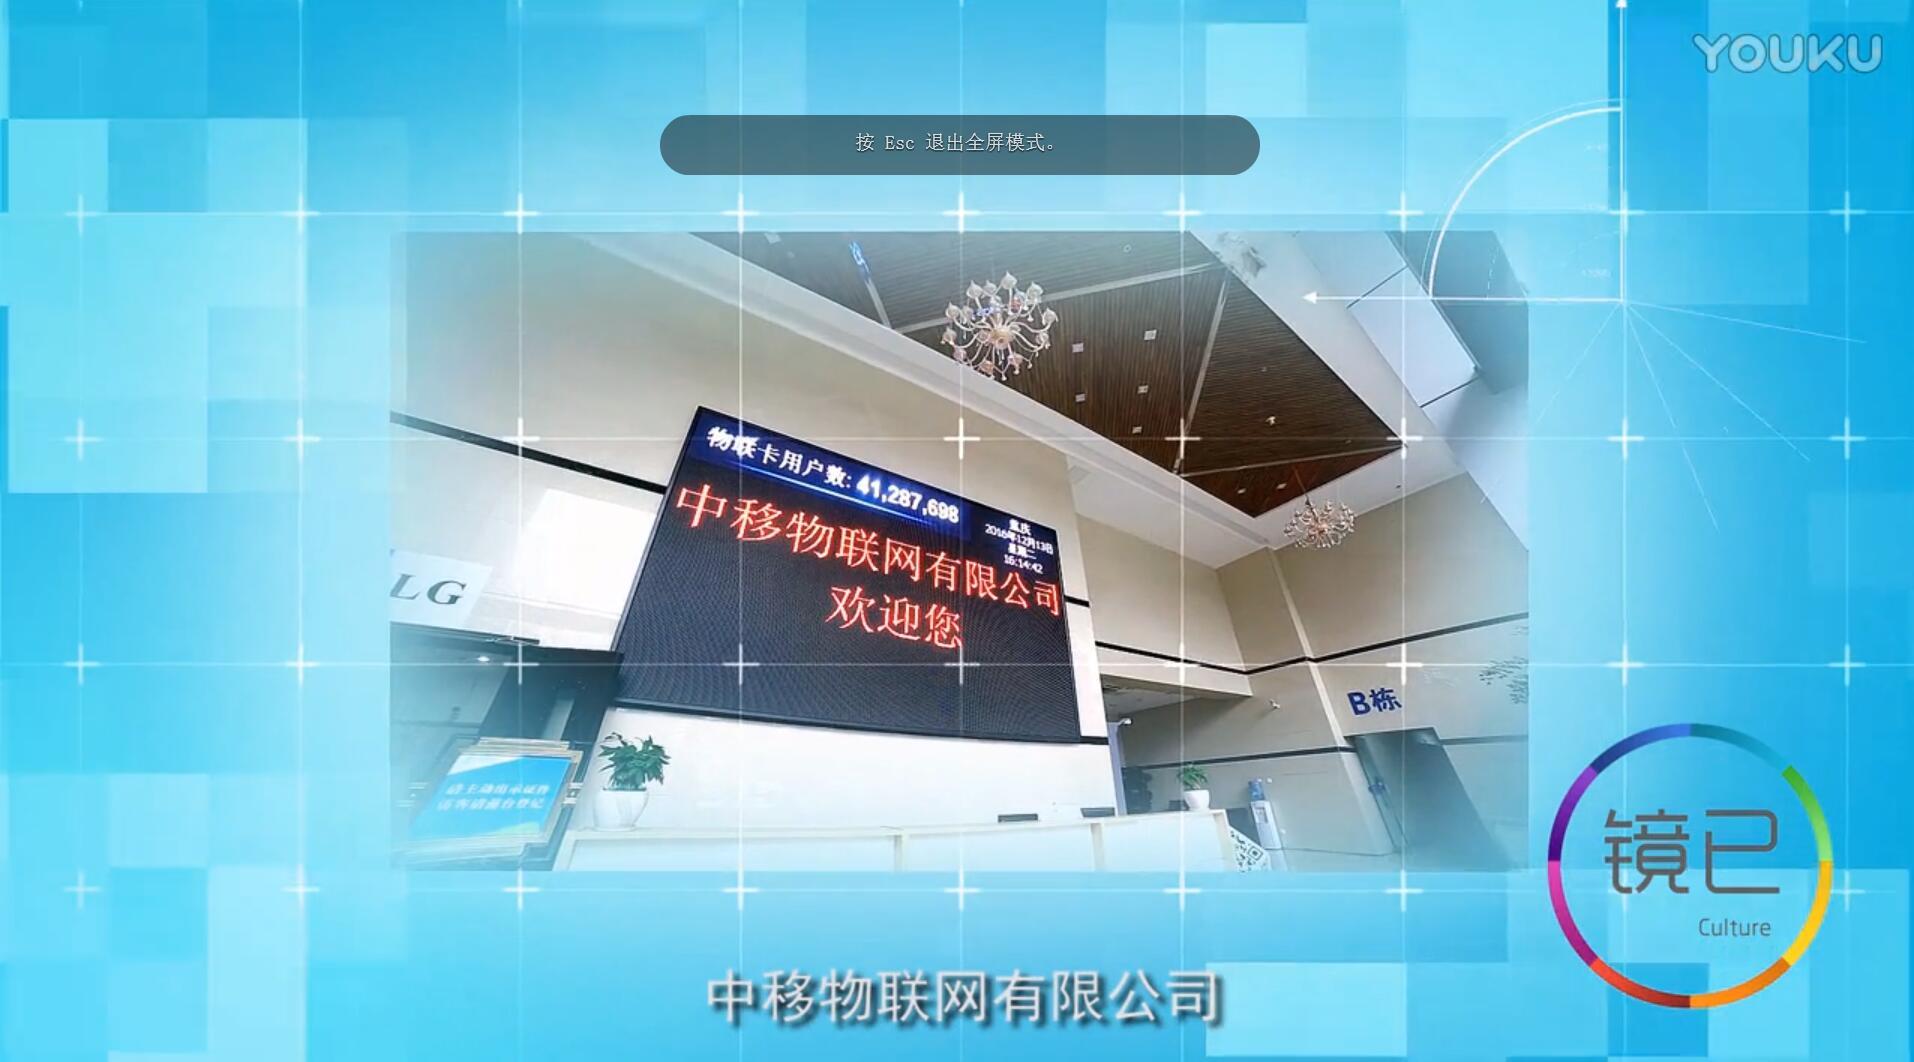 重慶南岸區物聯網協會 宣傳片